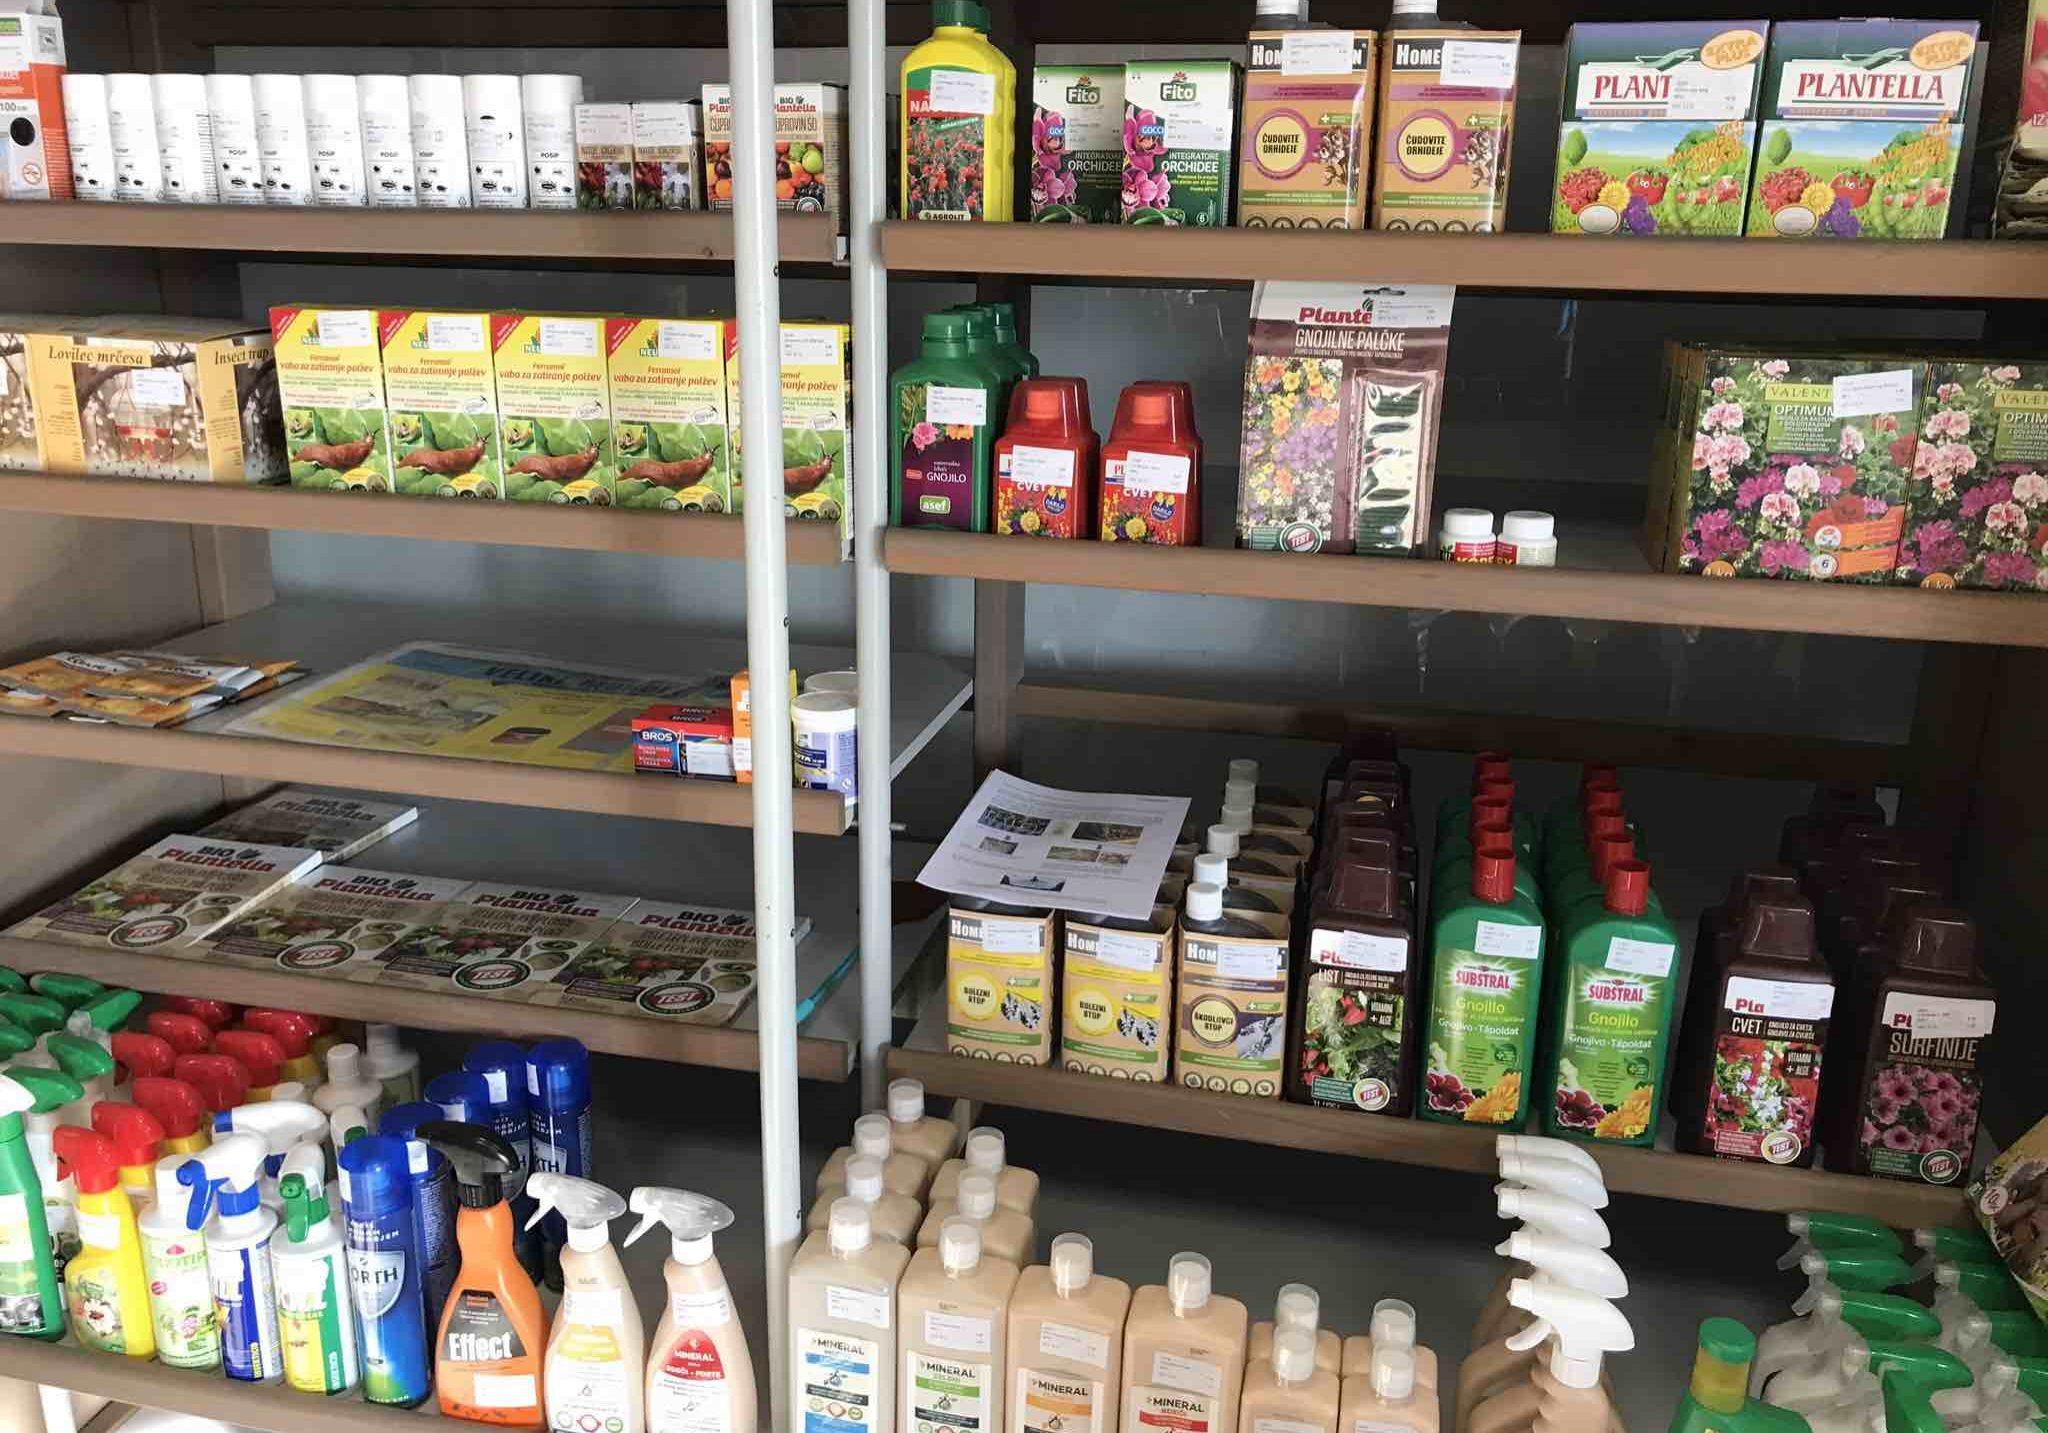 kmetijska trgovina cegnar - gnojila